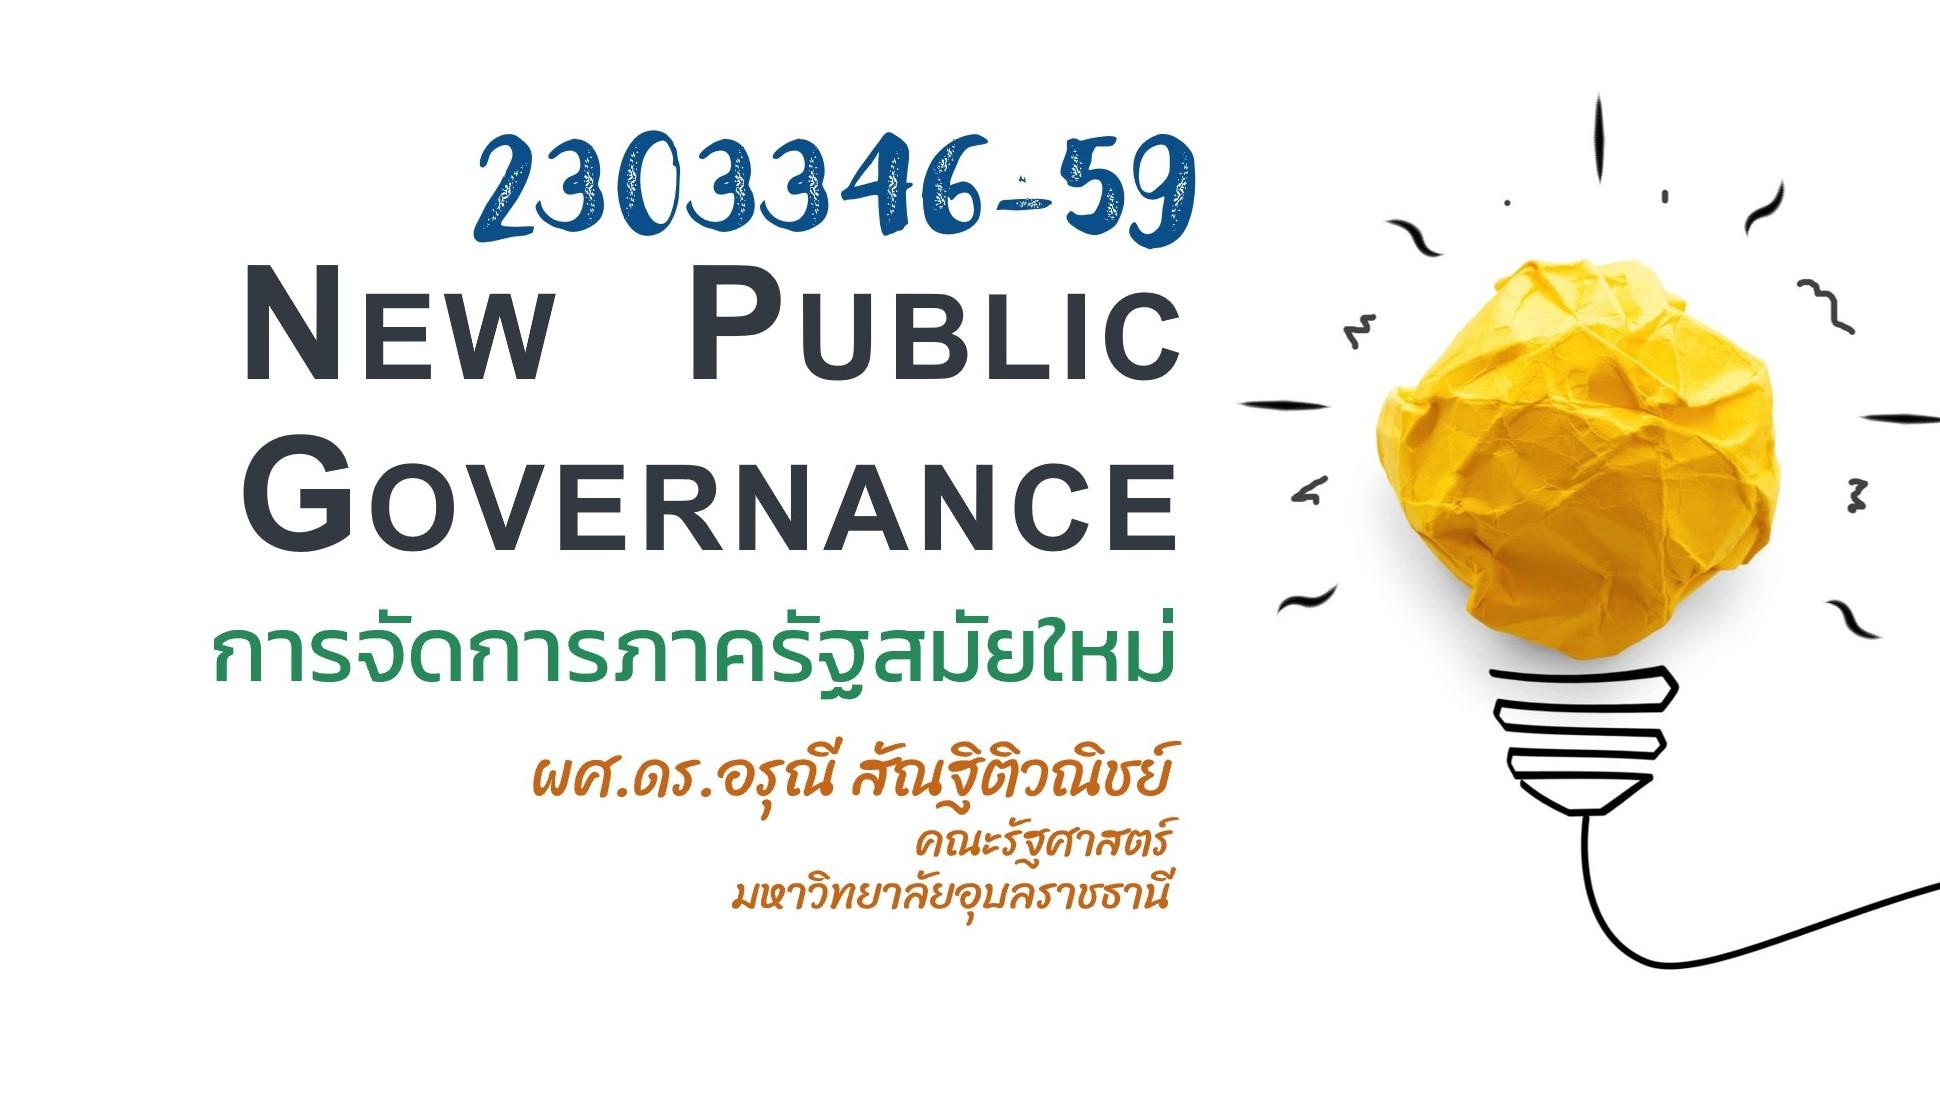 2303346-59 การจัดการปกครองภาครัฐสมัยใหม่ (กลุ่มที่1)